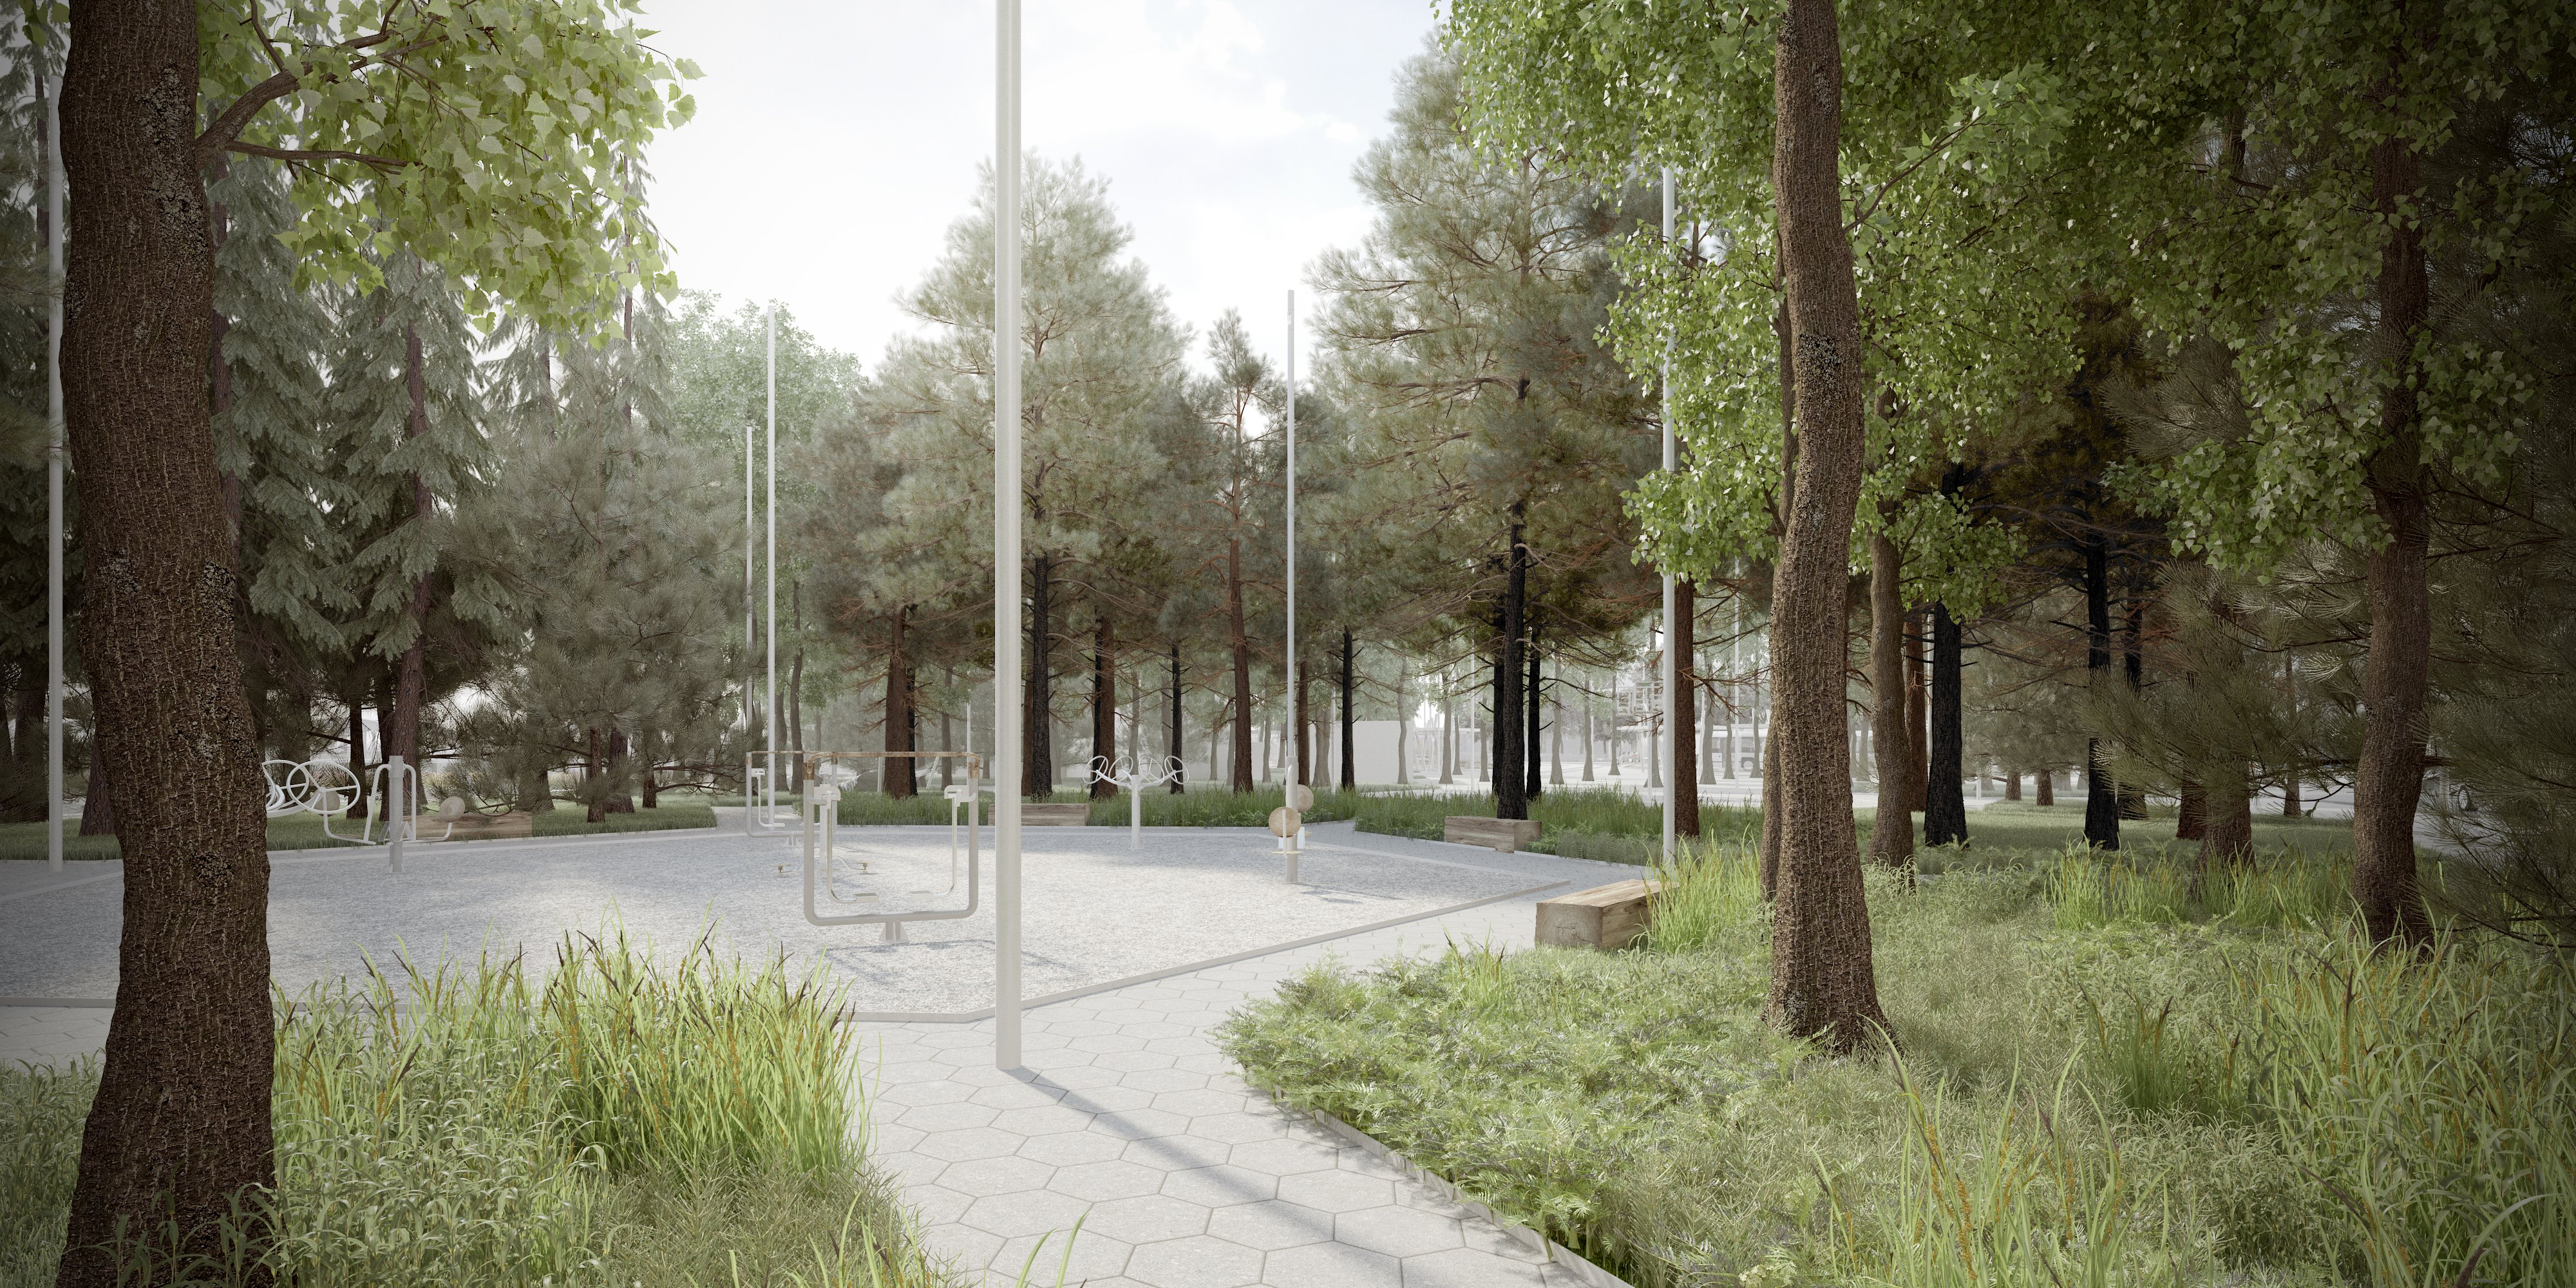 przestrzeń publiczna - wrocław ul. zawalna